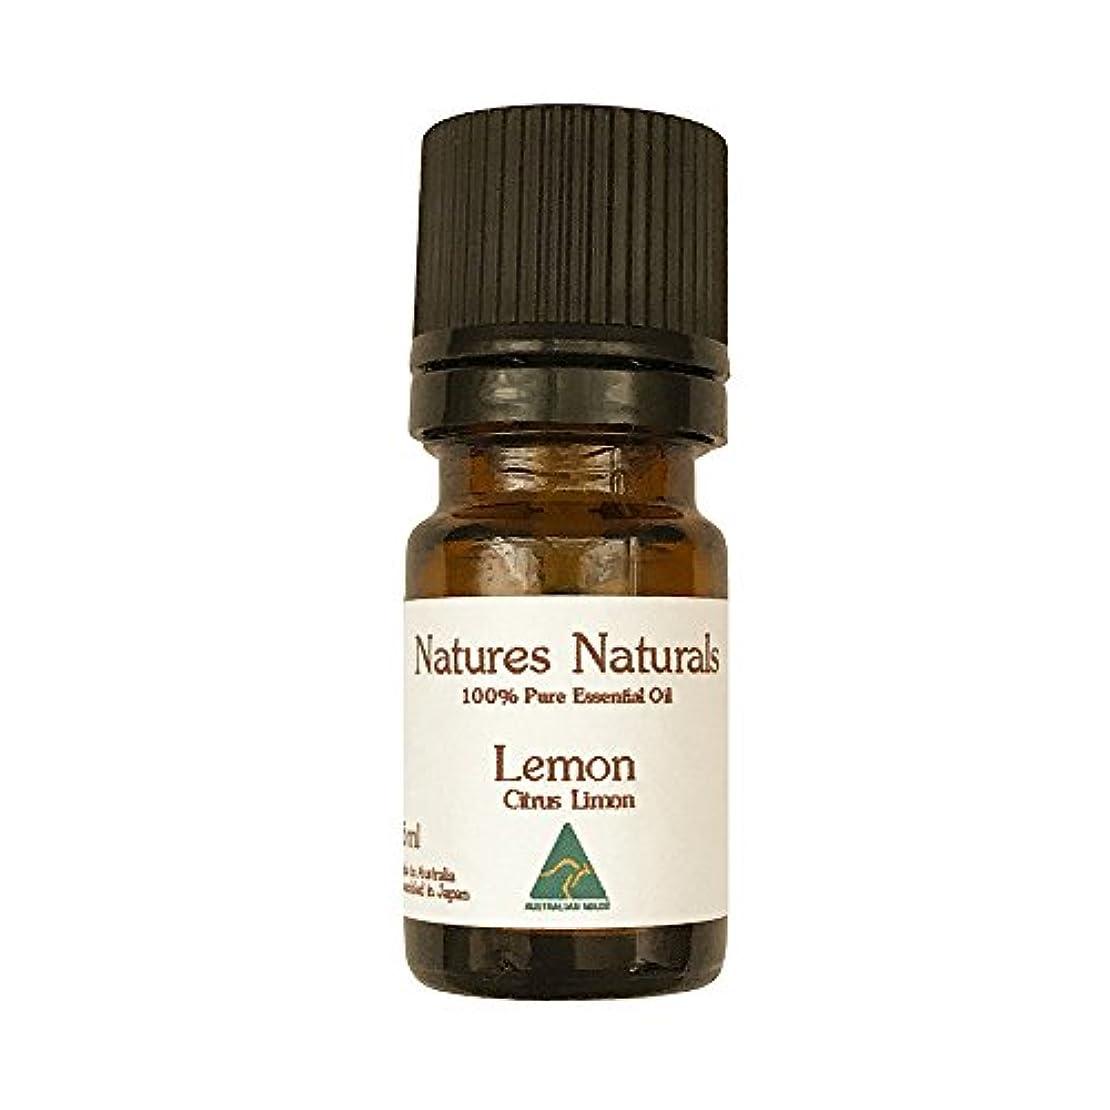 ラバアソシエイトノーブルレモン エッセンシャルオイル 100% 精油 5ml